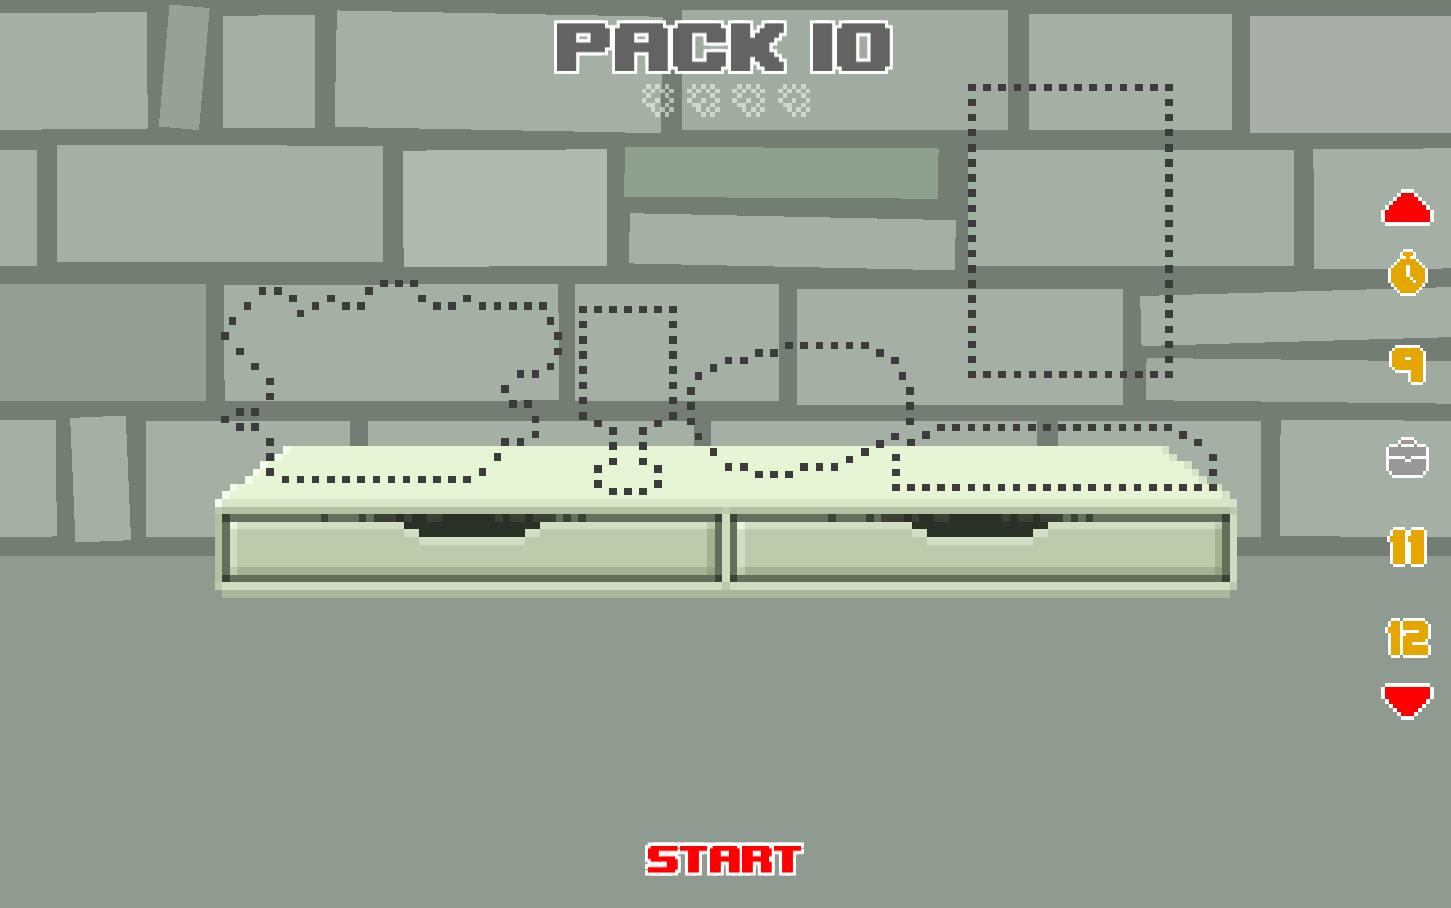 DudeStop_Pack10.png